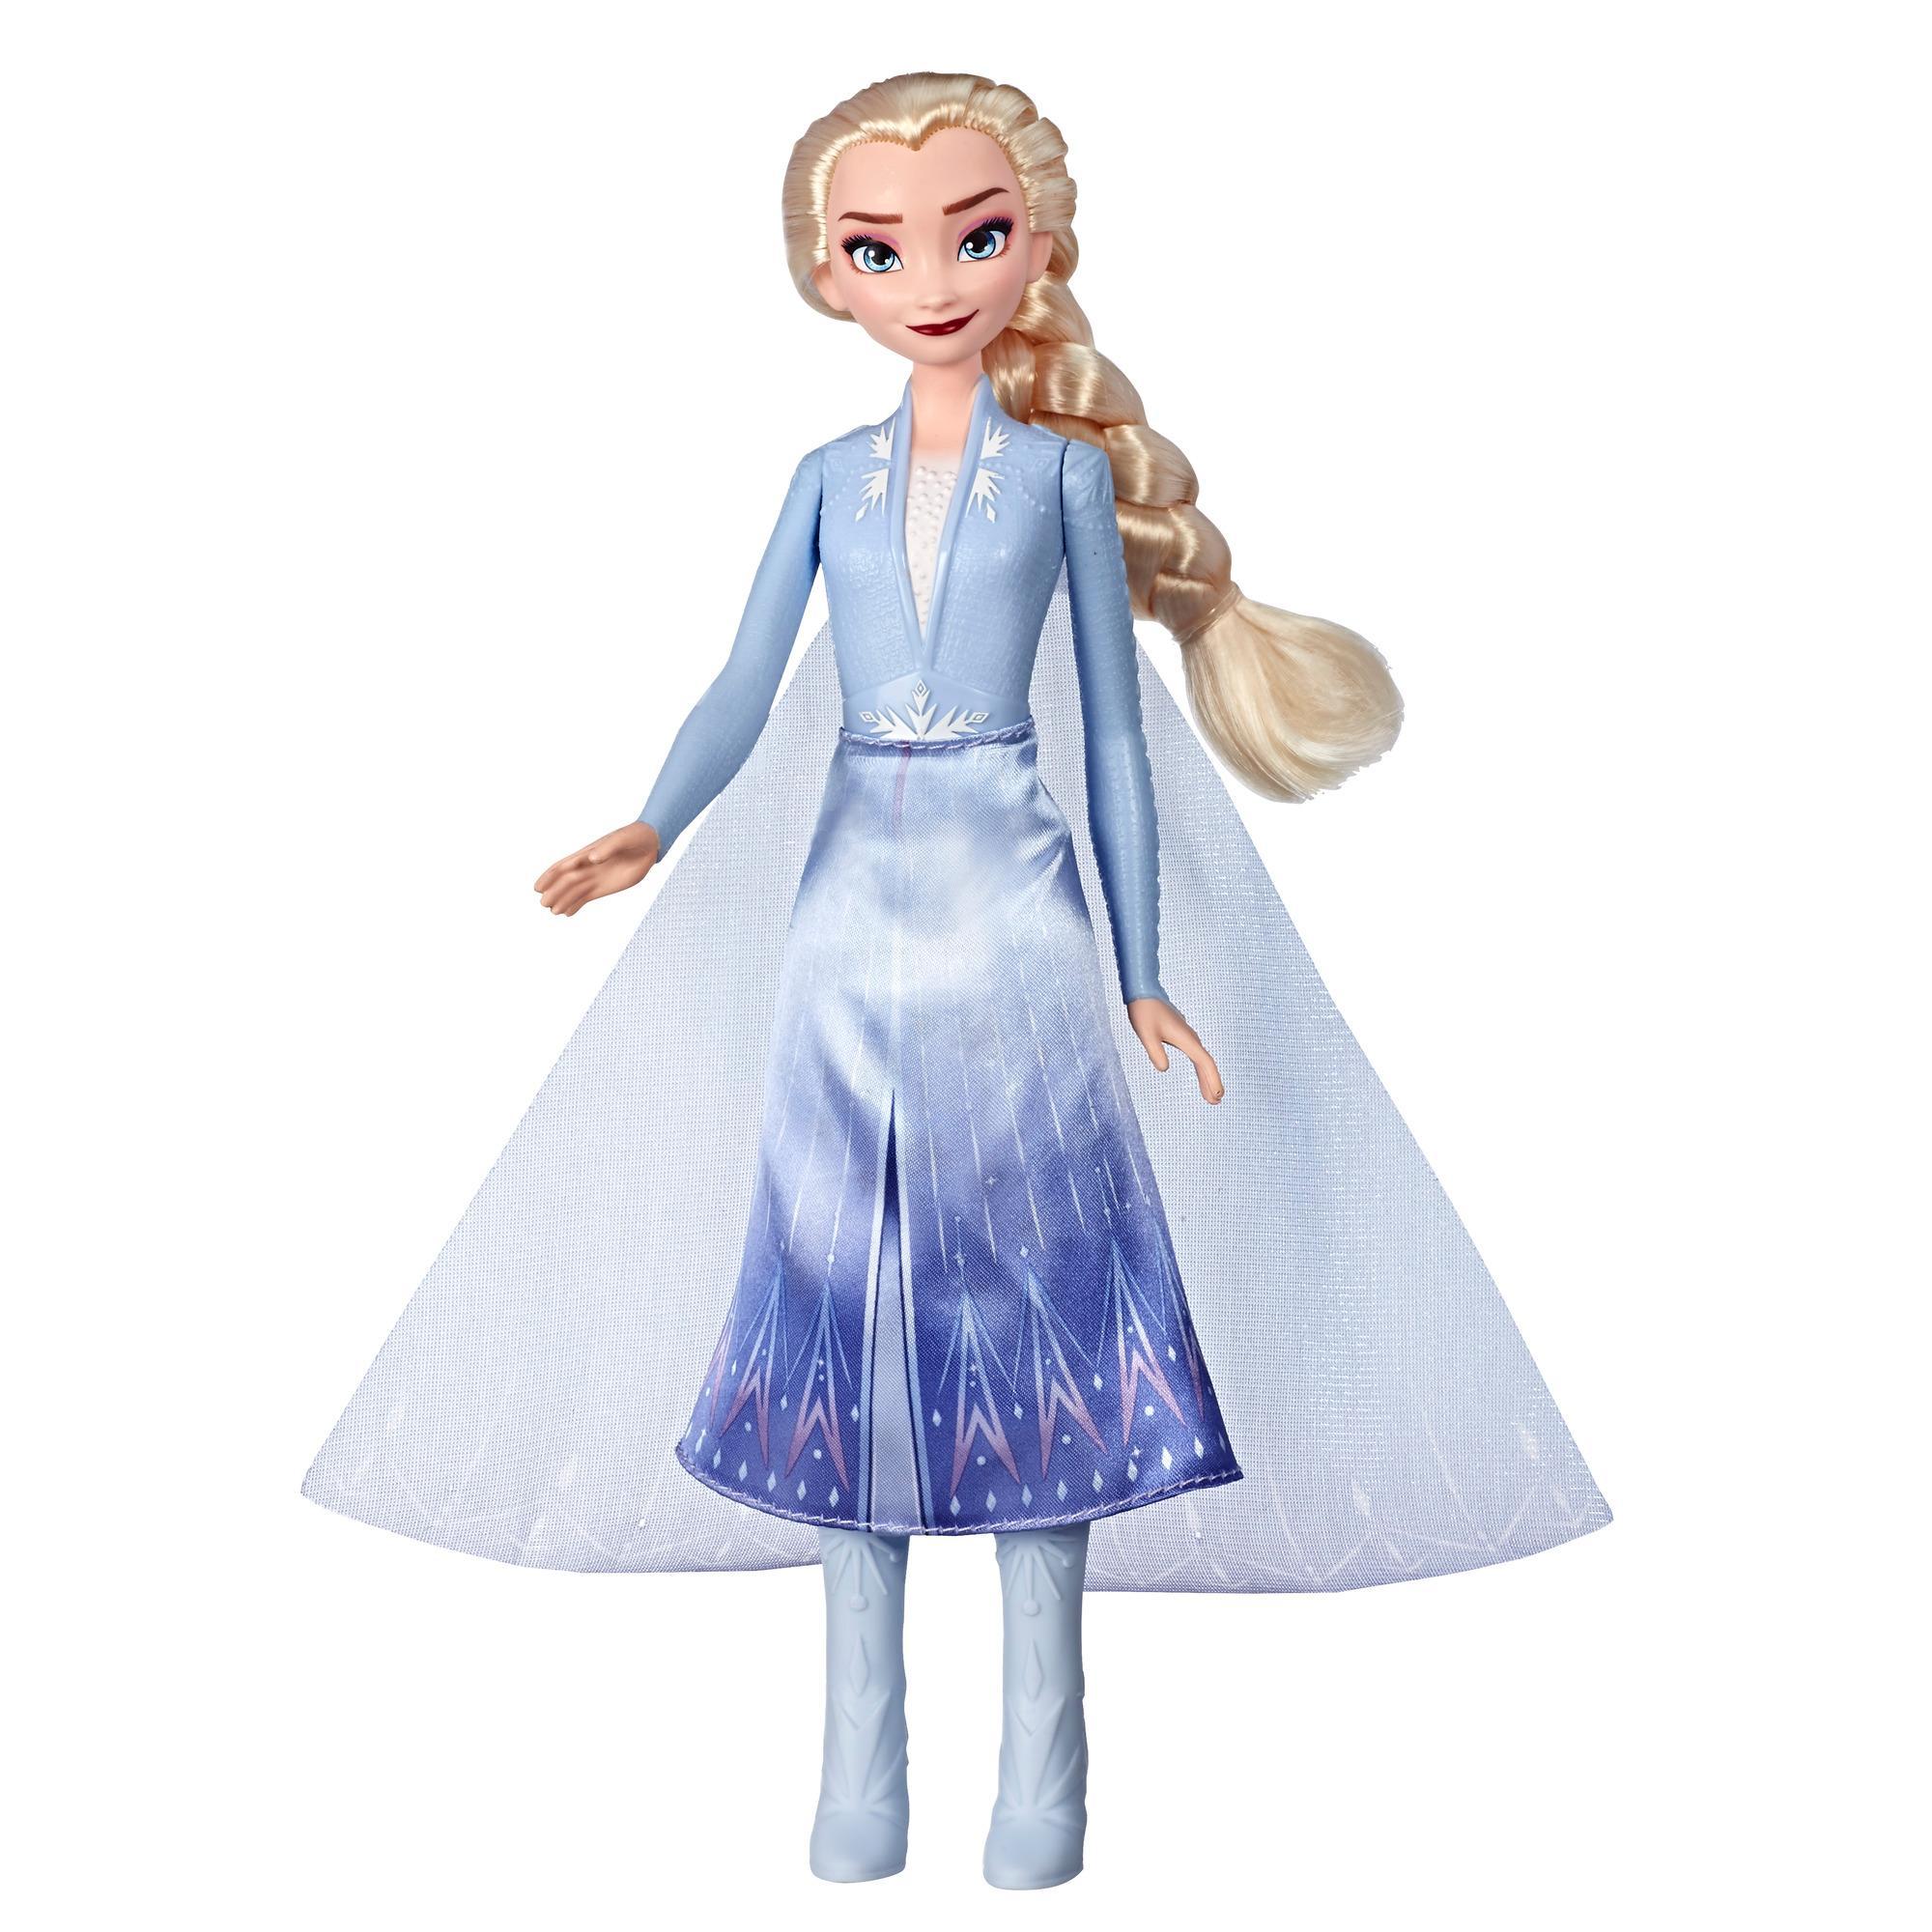 Disney Frozen - Elsa Aventura mágica - Muñeca que se ilumina inspirada en la película Frozen 2 de Disney - Juguete para niños y niñas de 3 años en adelante